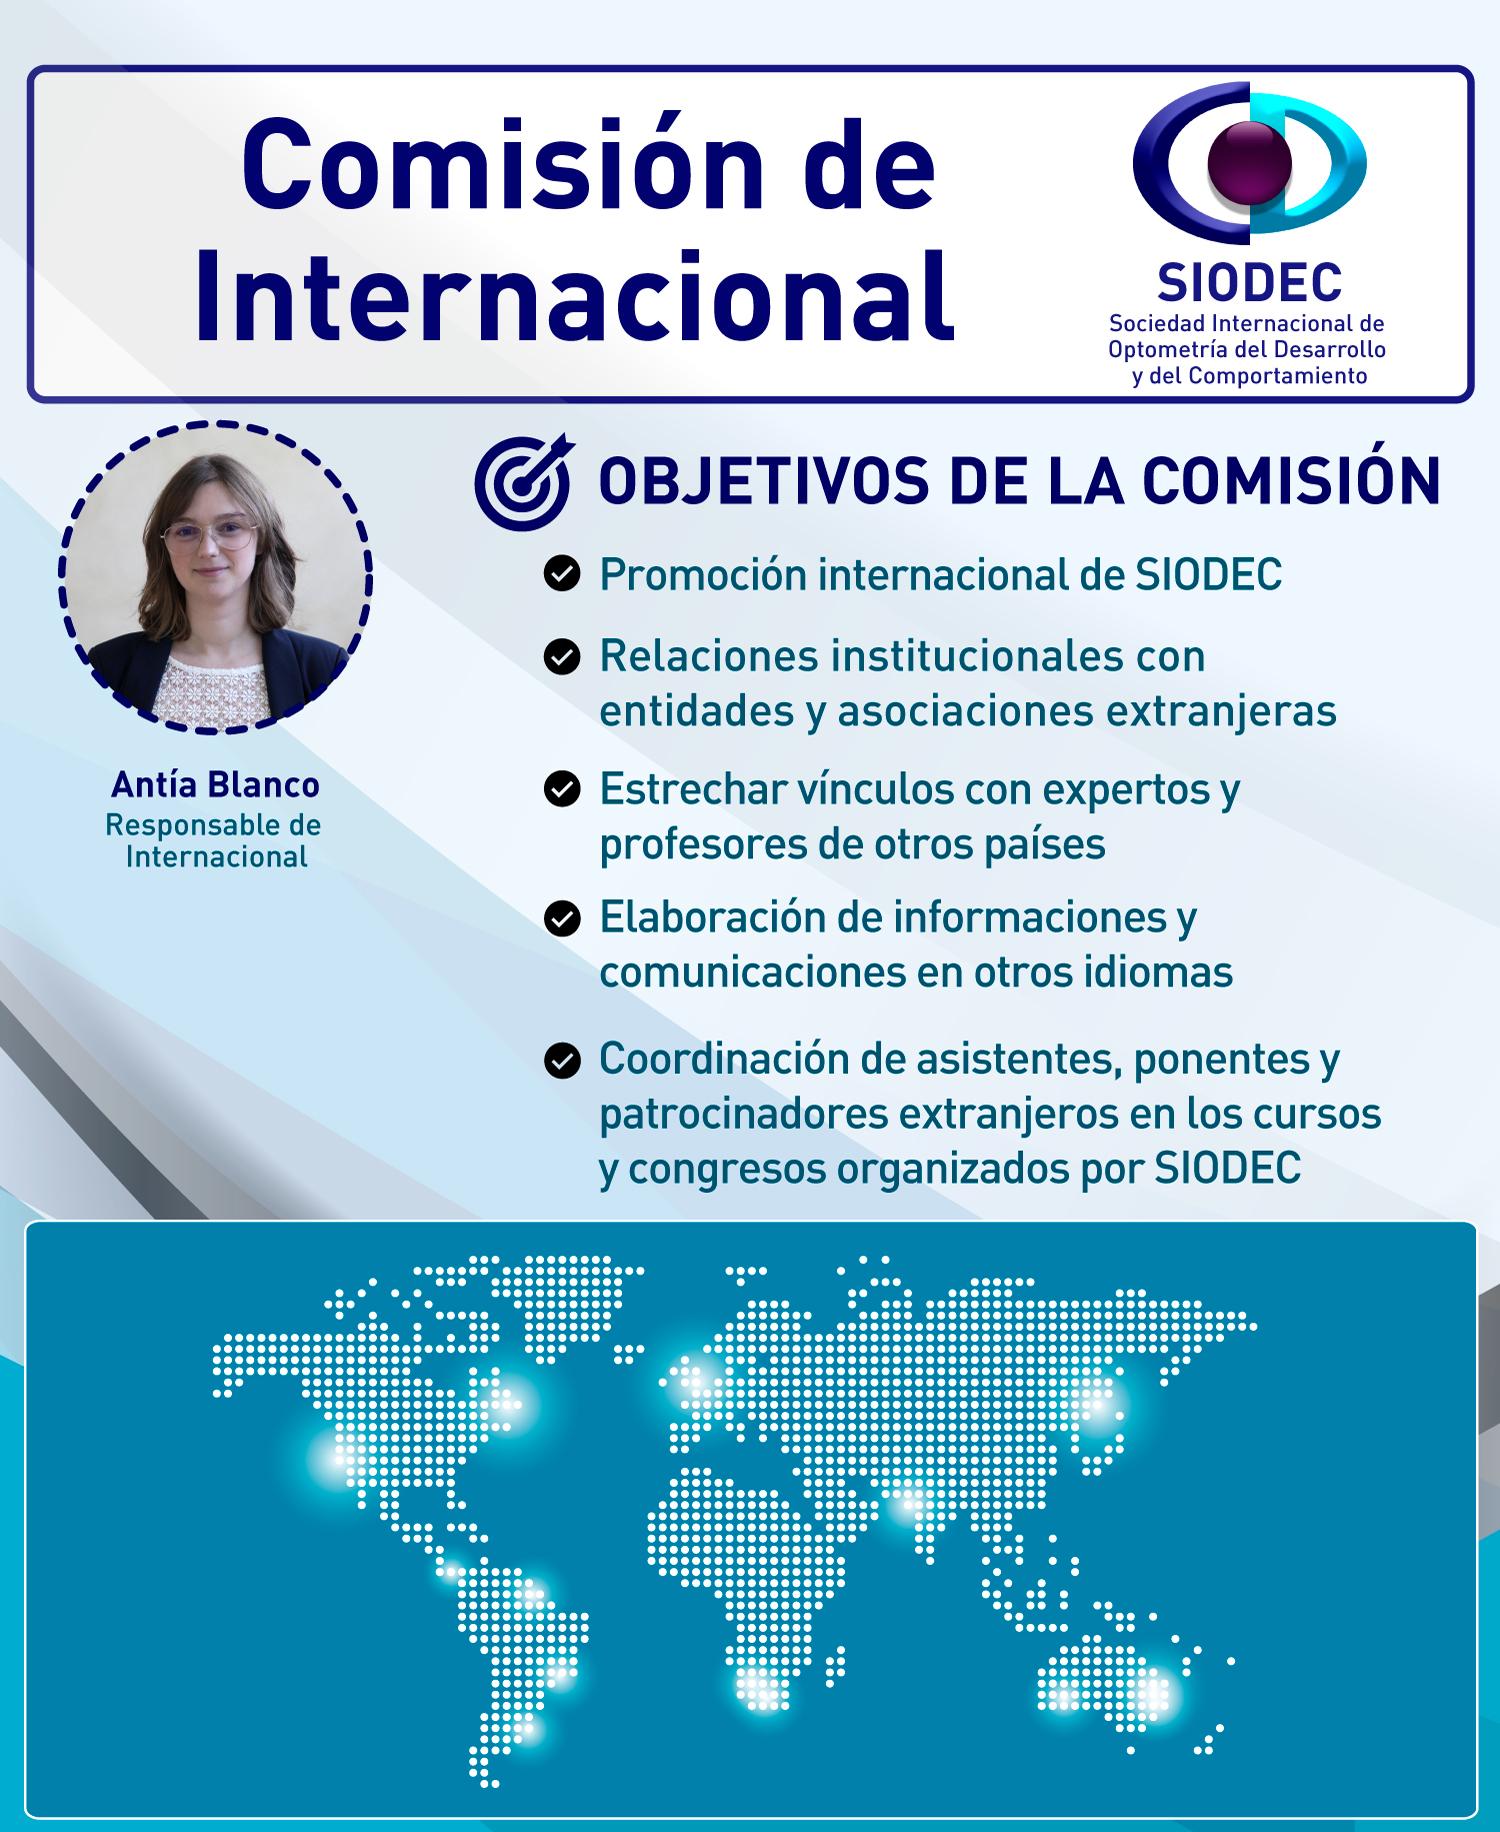 Comisión Internacional SIODEC